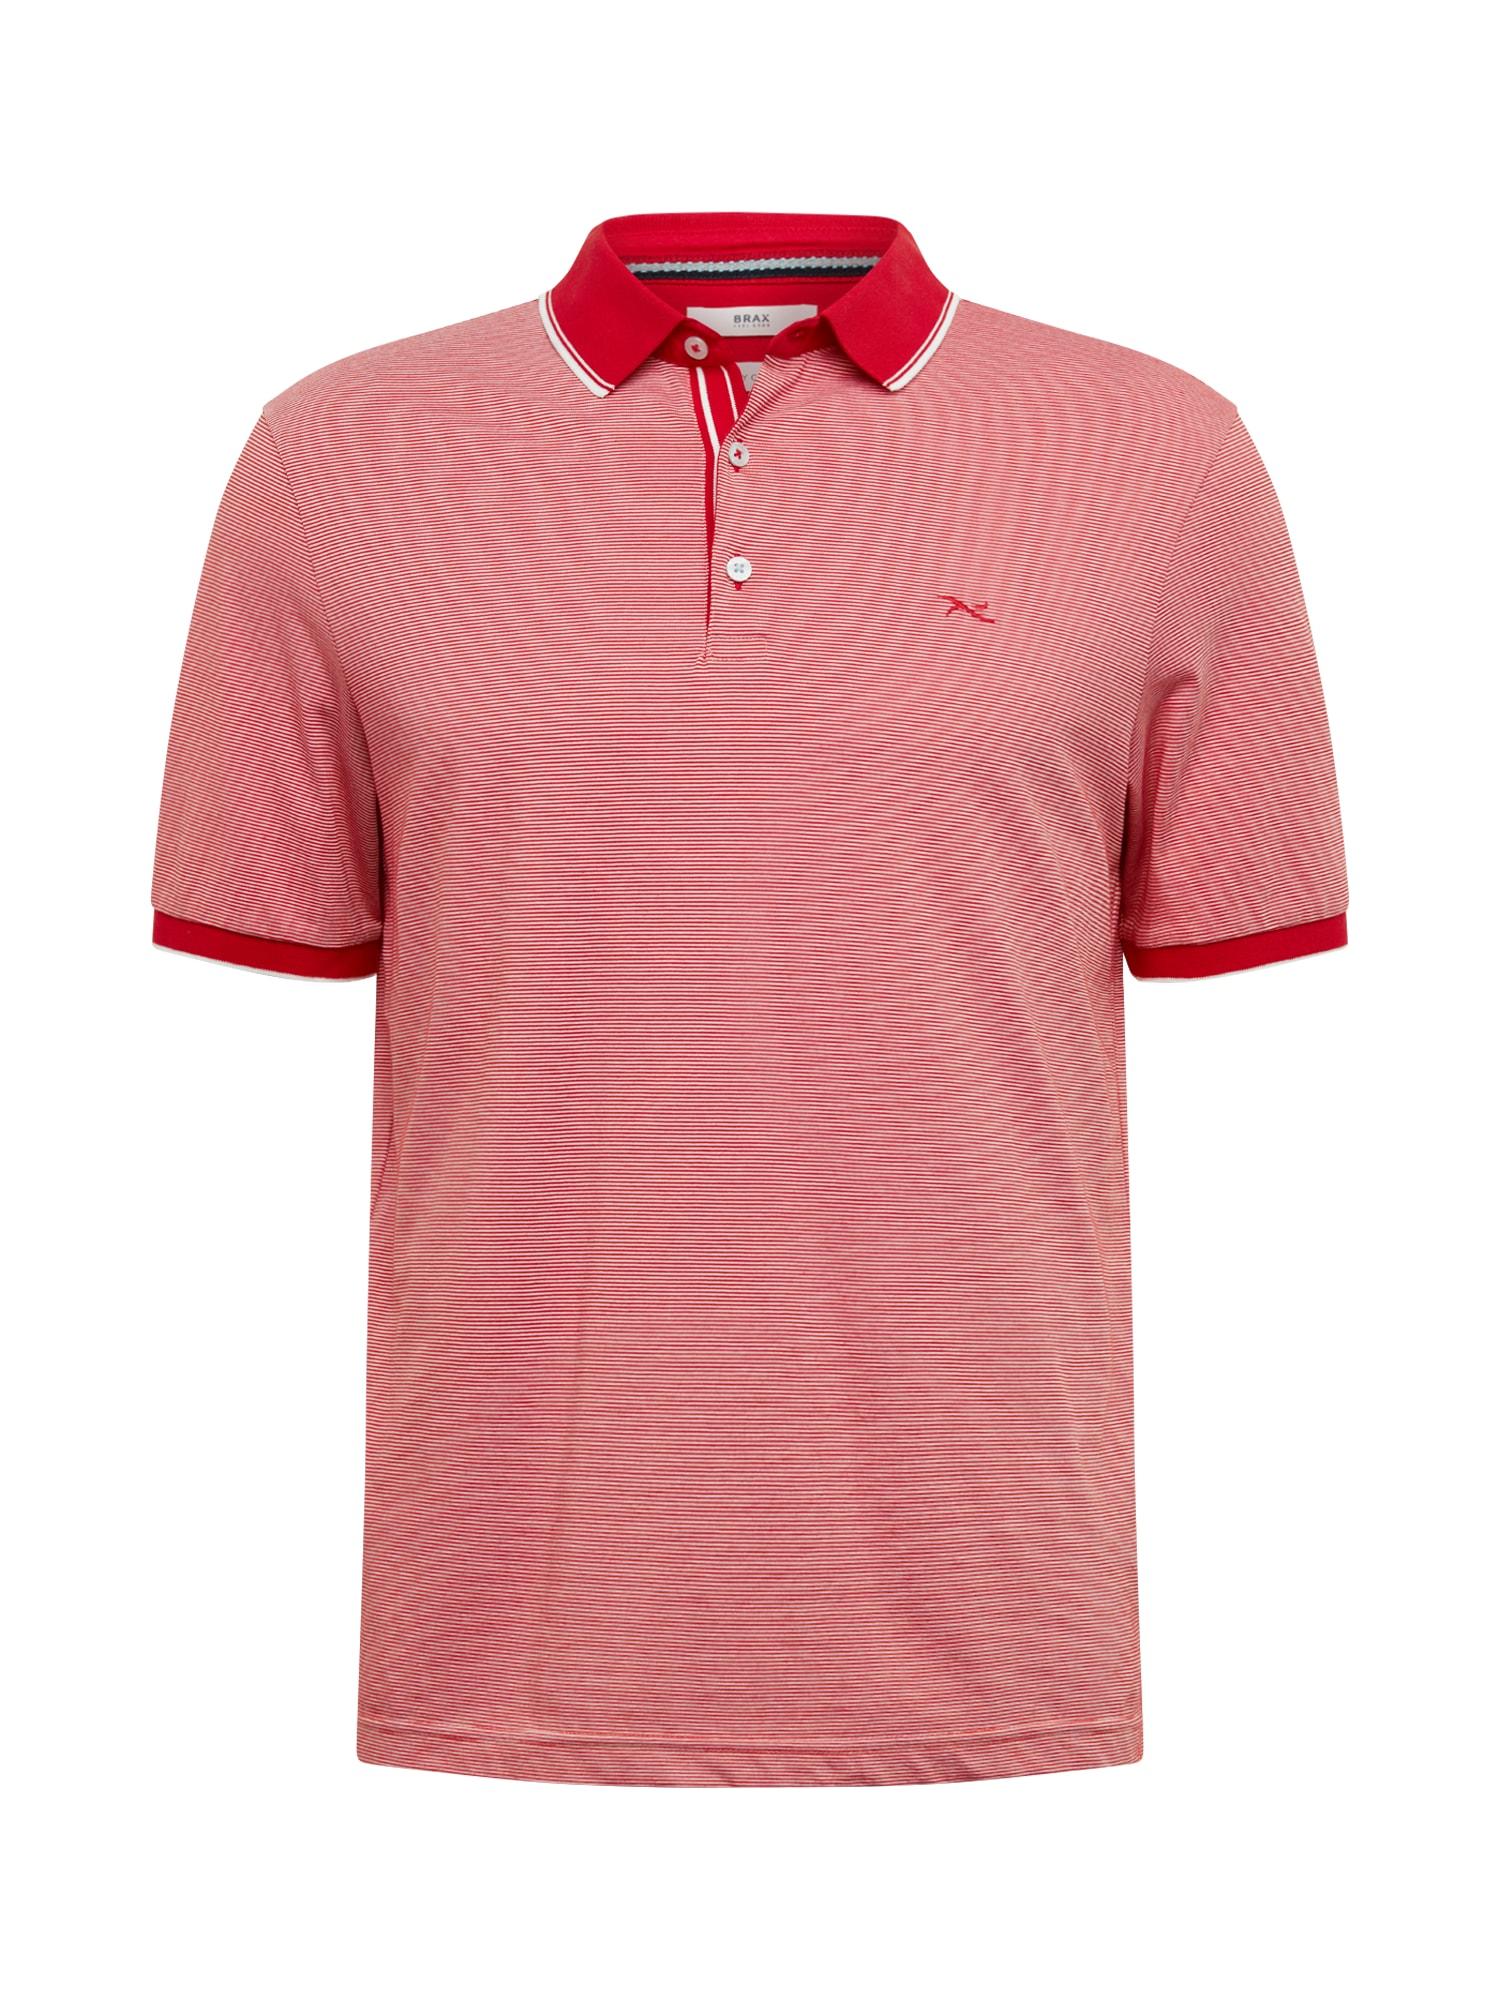 BRAX Marškinėliai 'Paco' balta / raudona